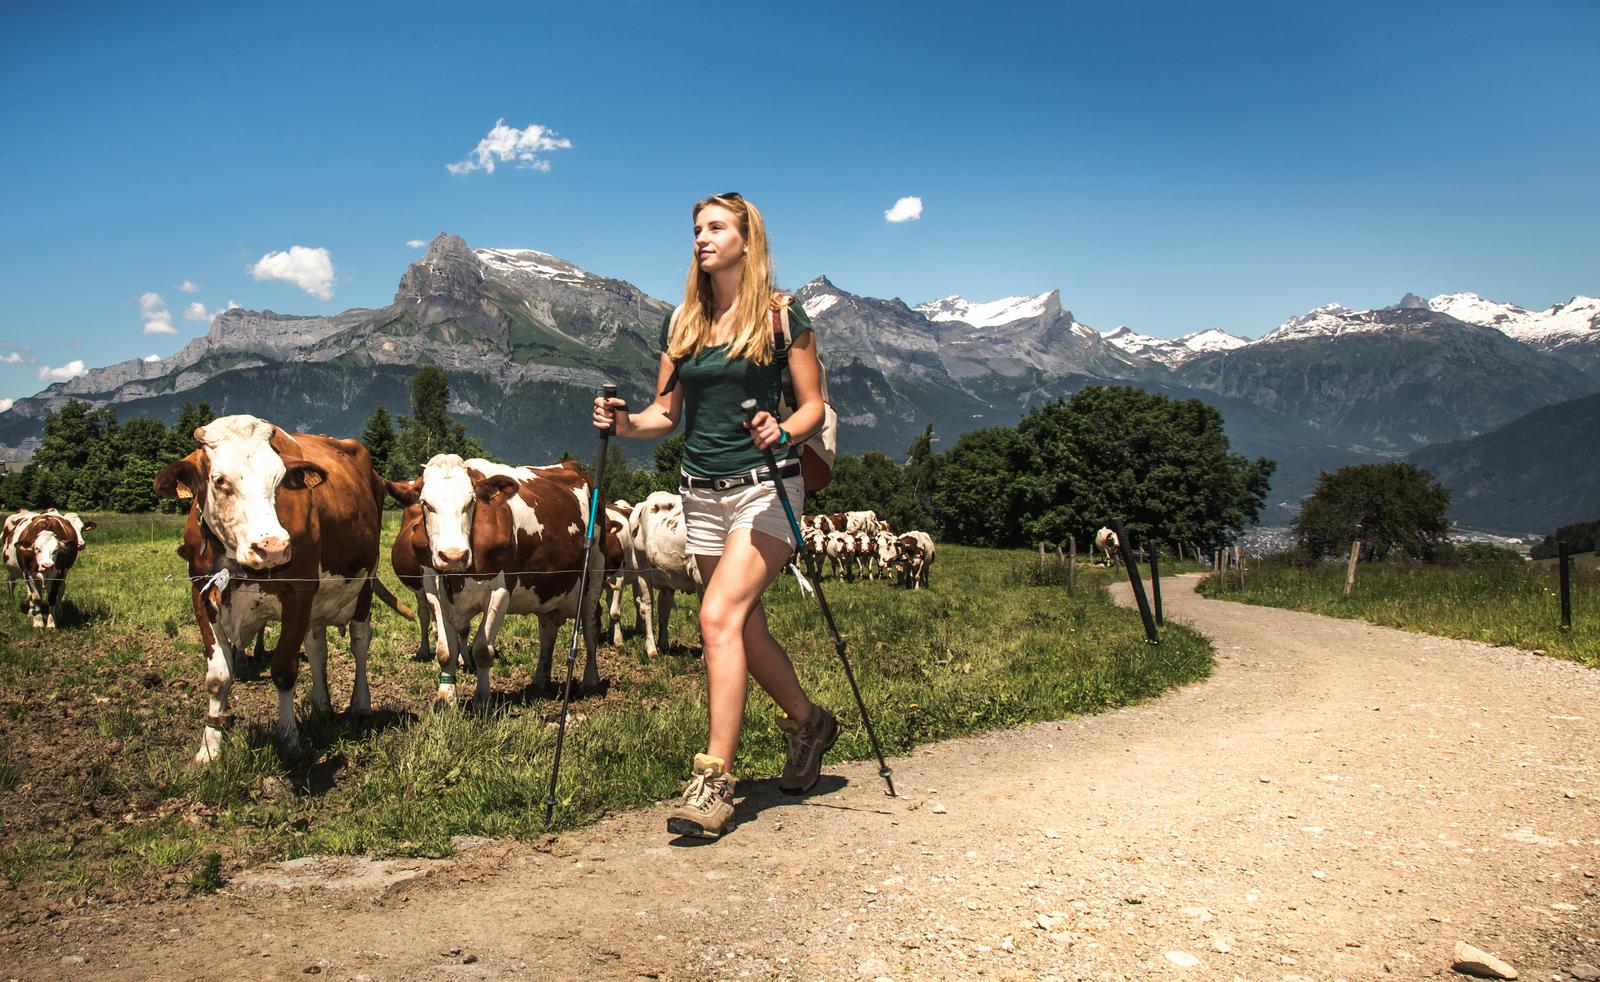 Rando champs vaches©Soren_Rickards